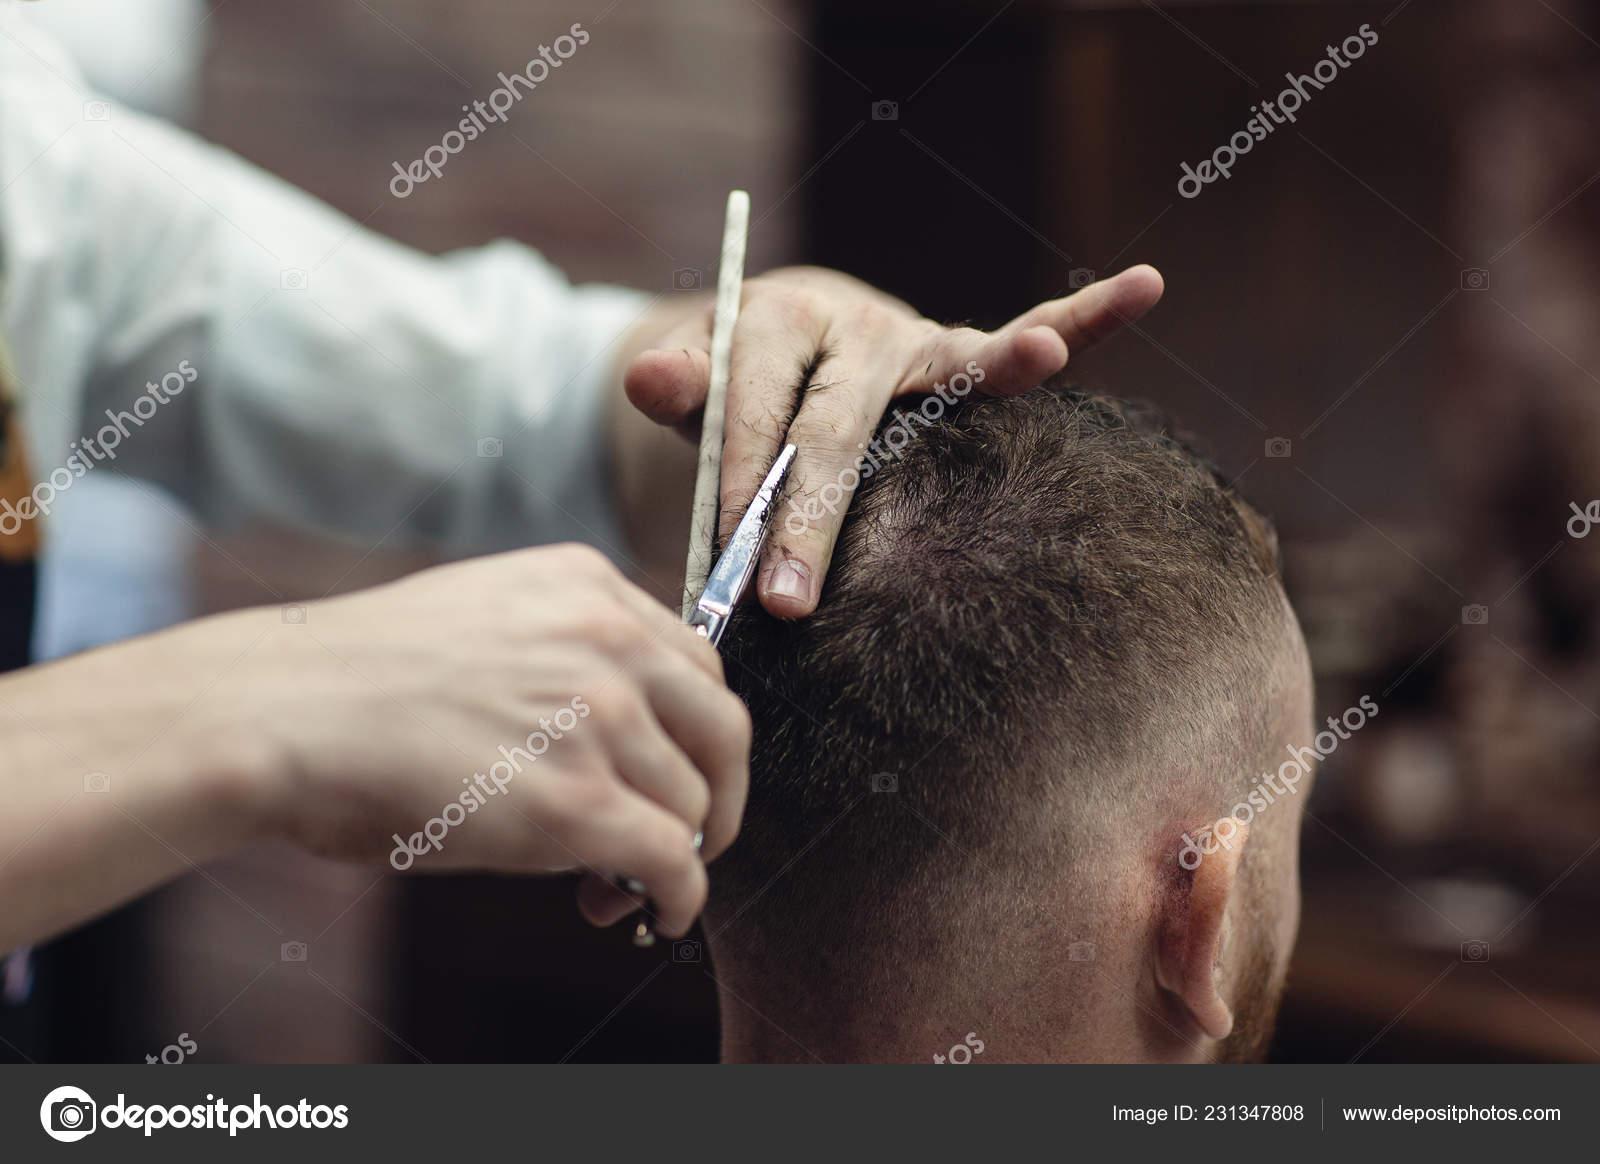 Haren Knippen Hoofd Schaar Barbers Werk Mannen Kapper Stockfoto C Alfoto Bk Ru 231347808